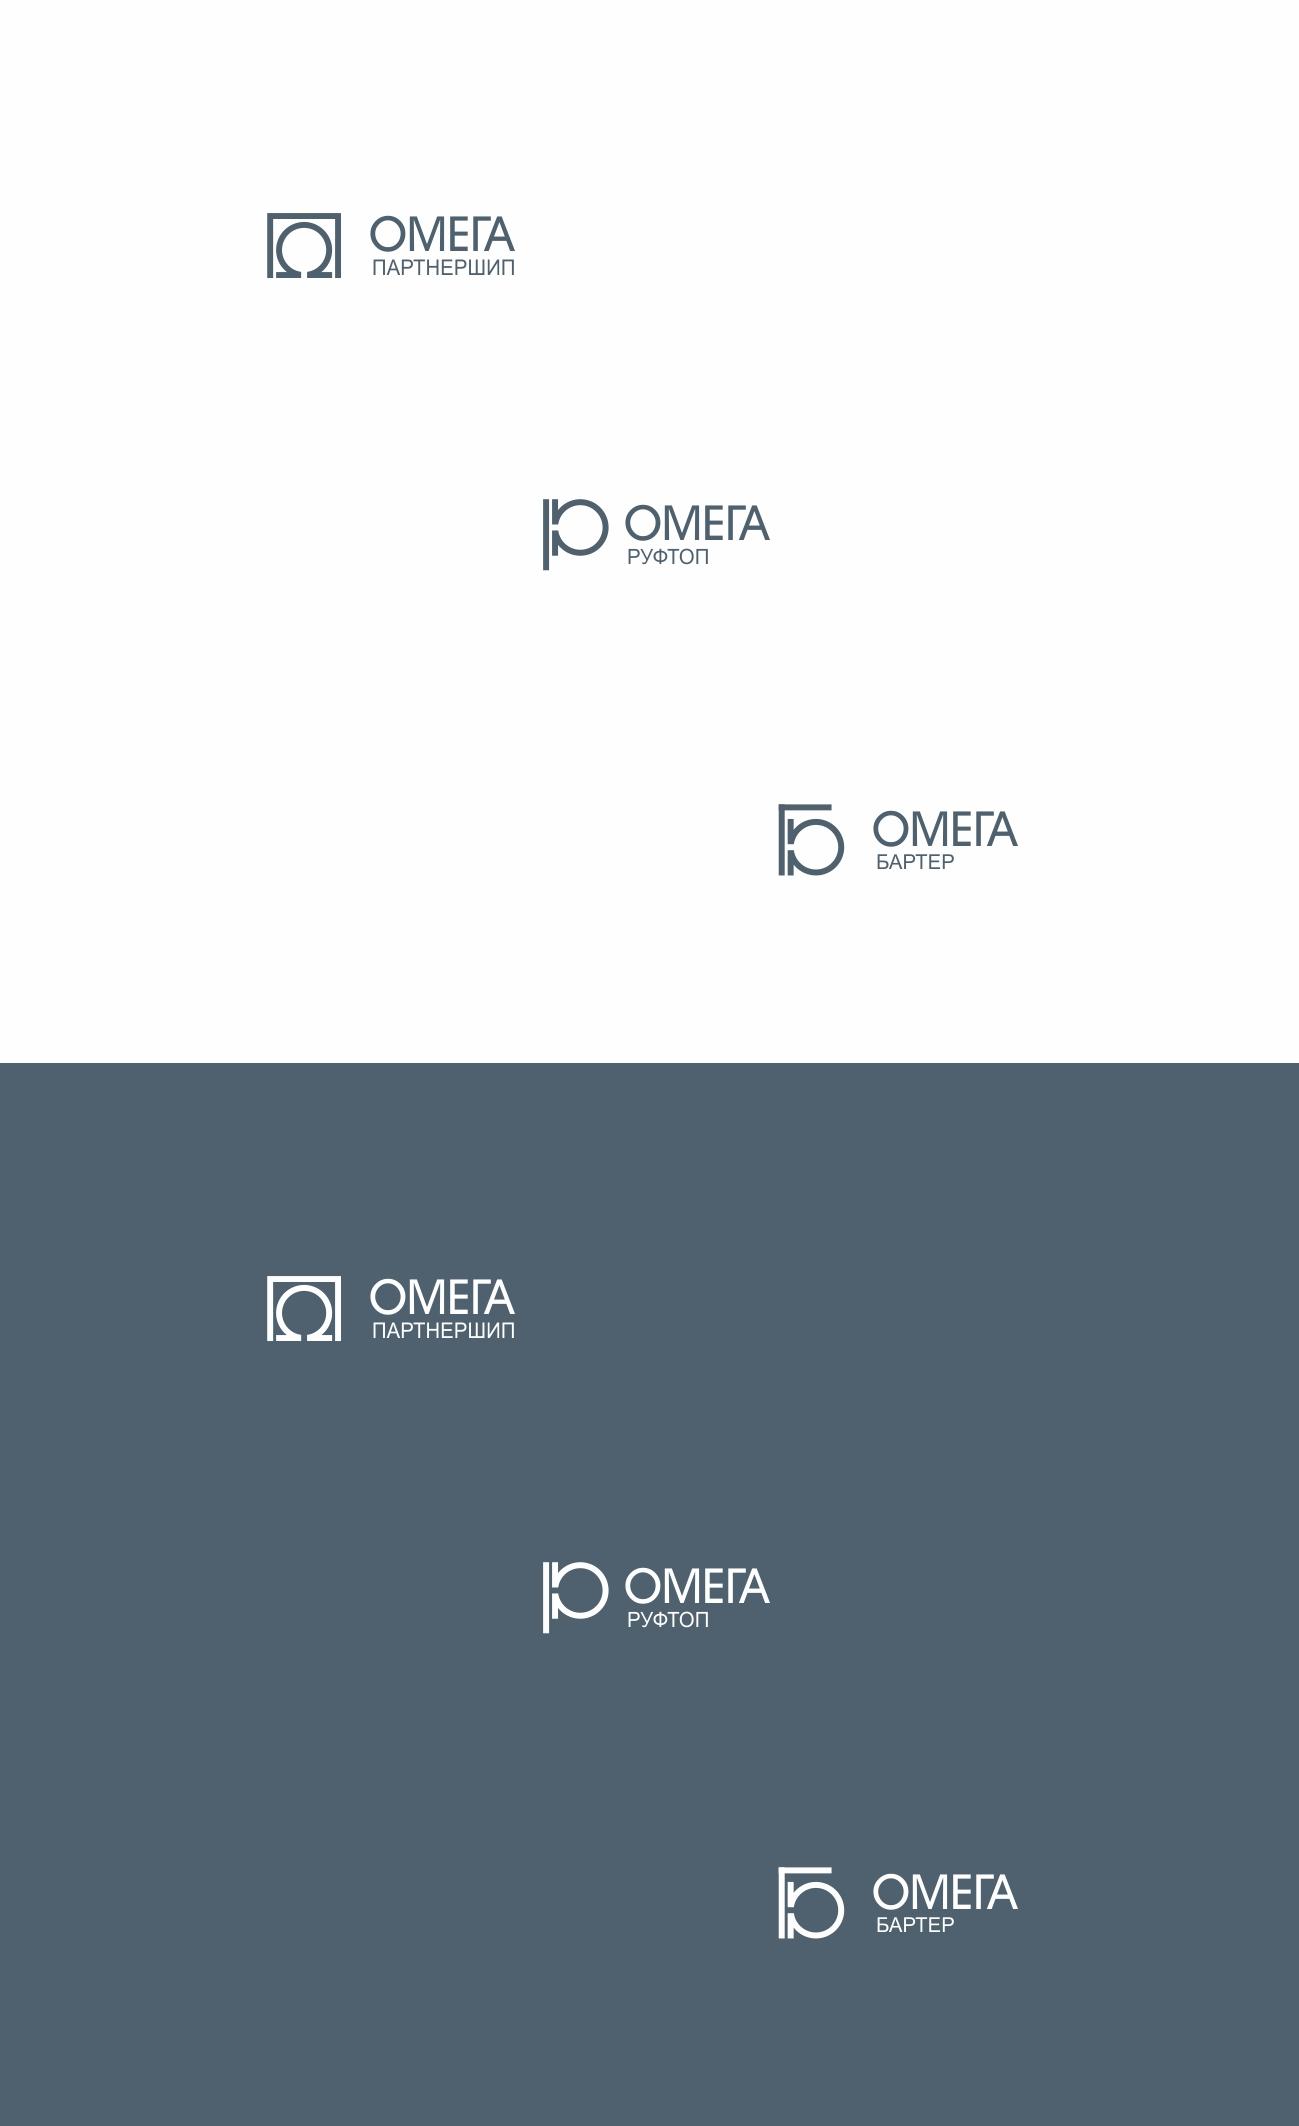 Придумать концепцию логотипа группы компаний фото f_9685b6c217a38ce5.jpg